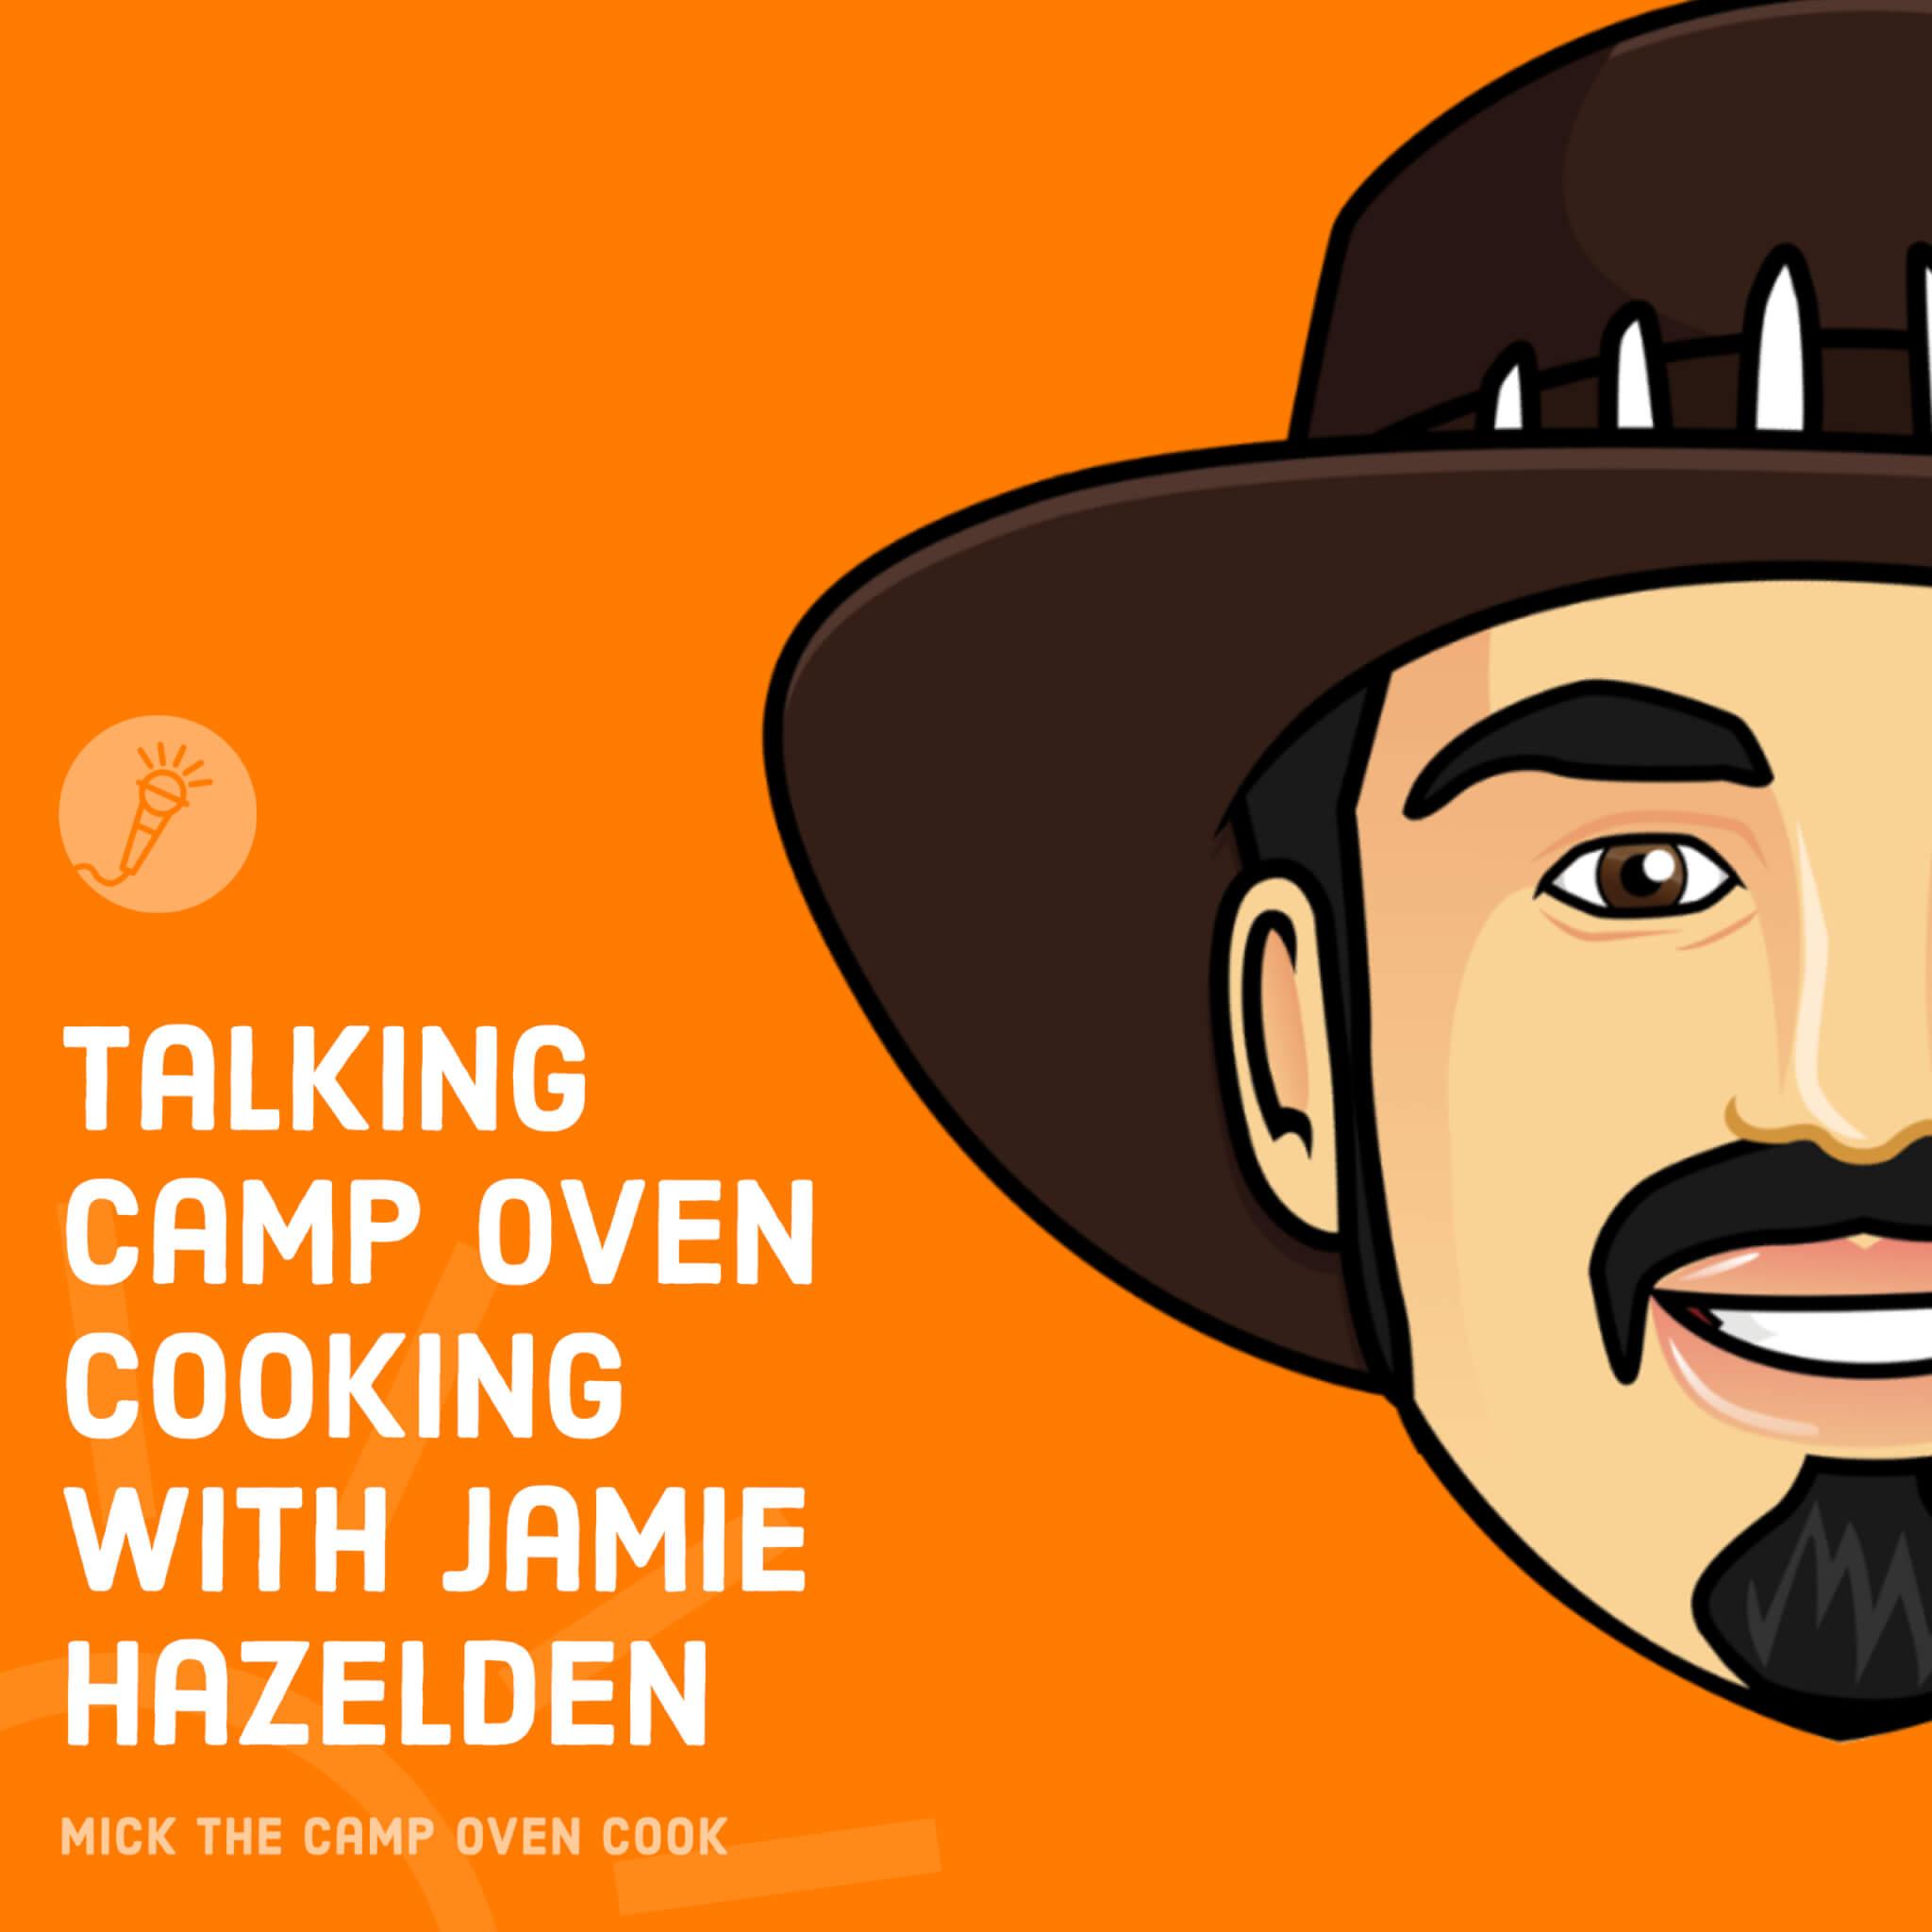 Talking Camp Oven Cooking with Jamie Hazelden